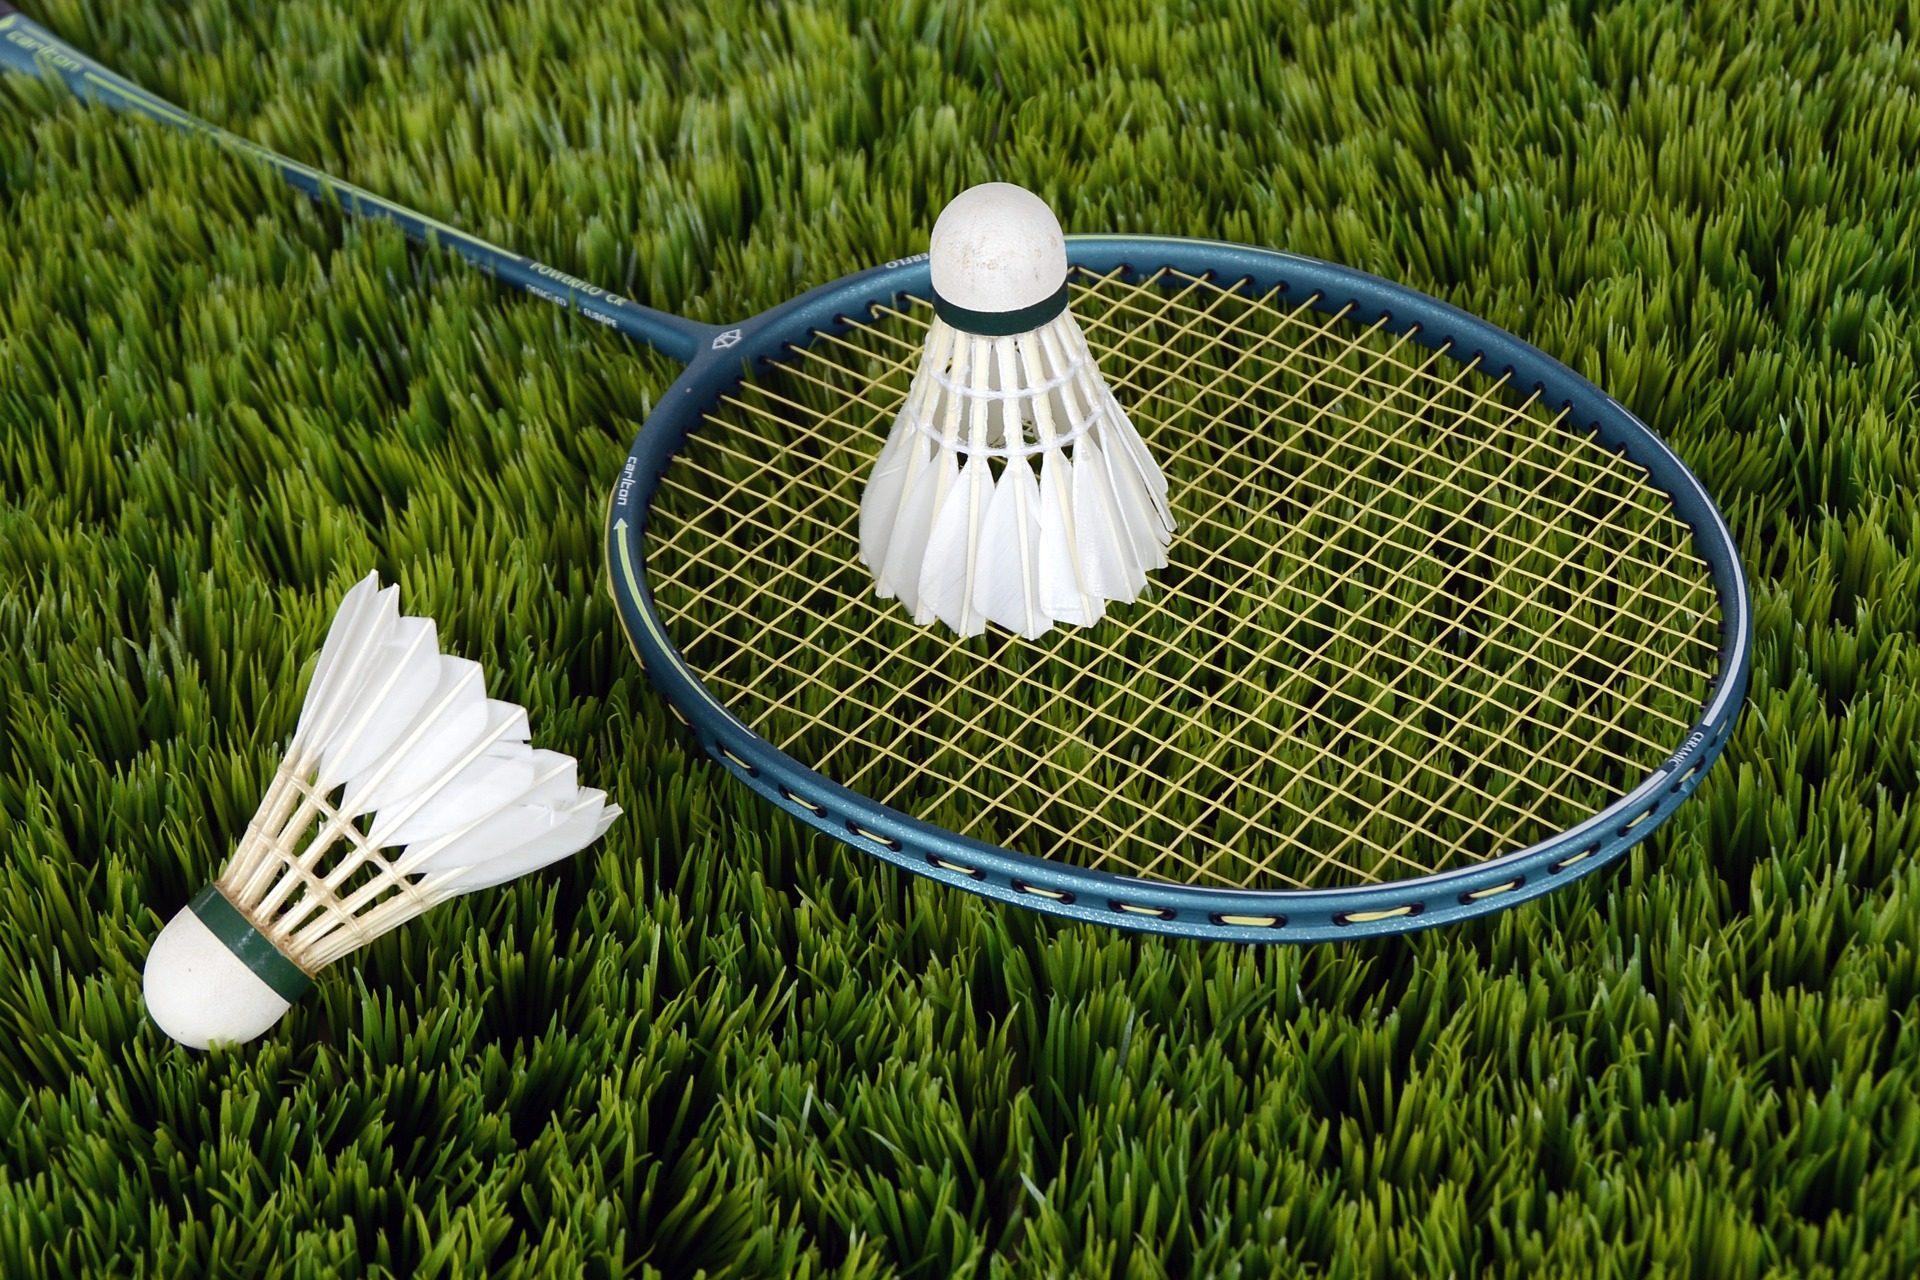 Badminton nos Jogos, raquete, concorrência, penas, gramado - Papéis de parede HD - Professor-falken.com